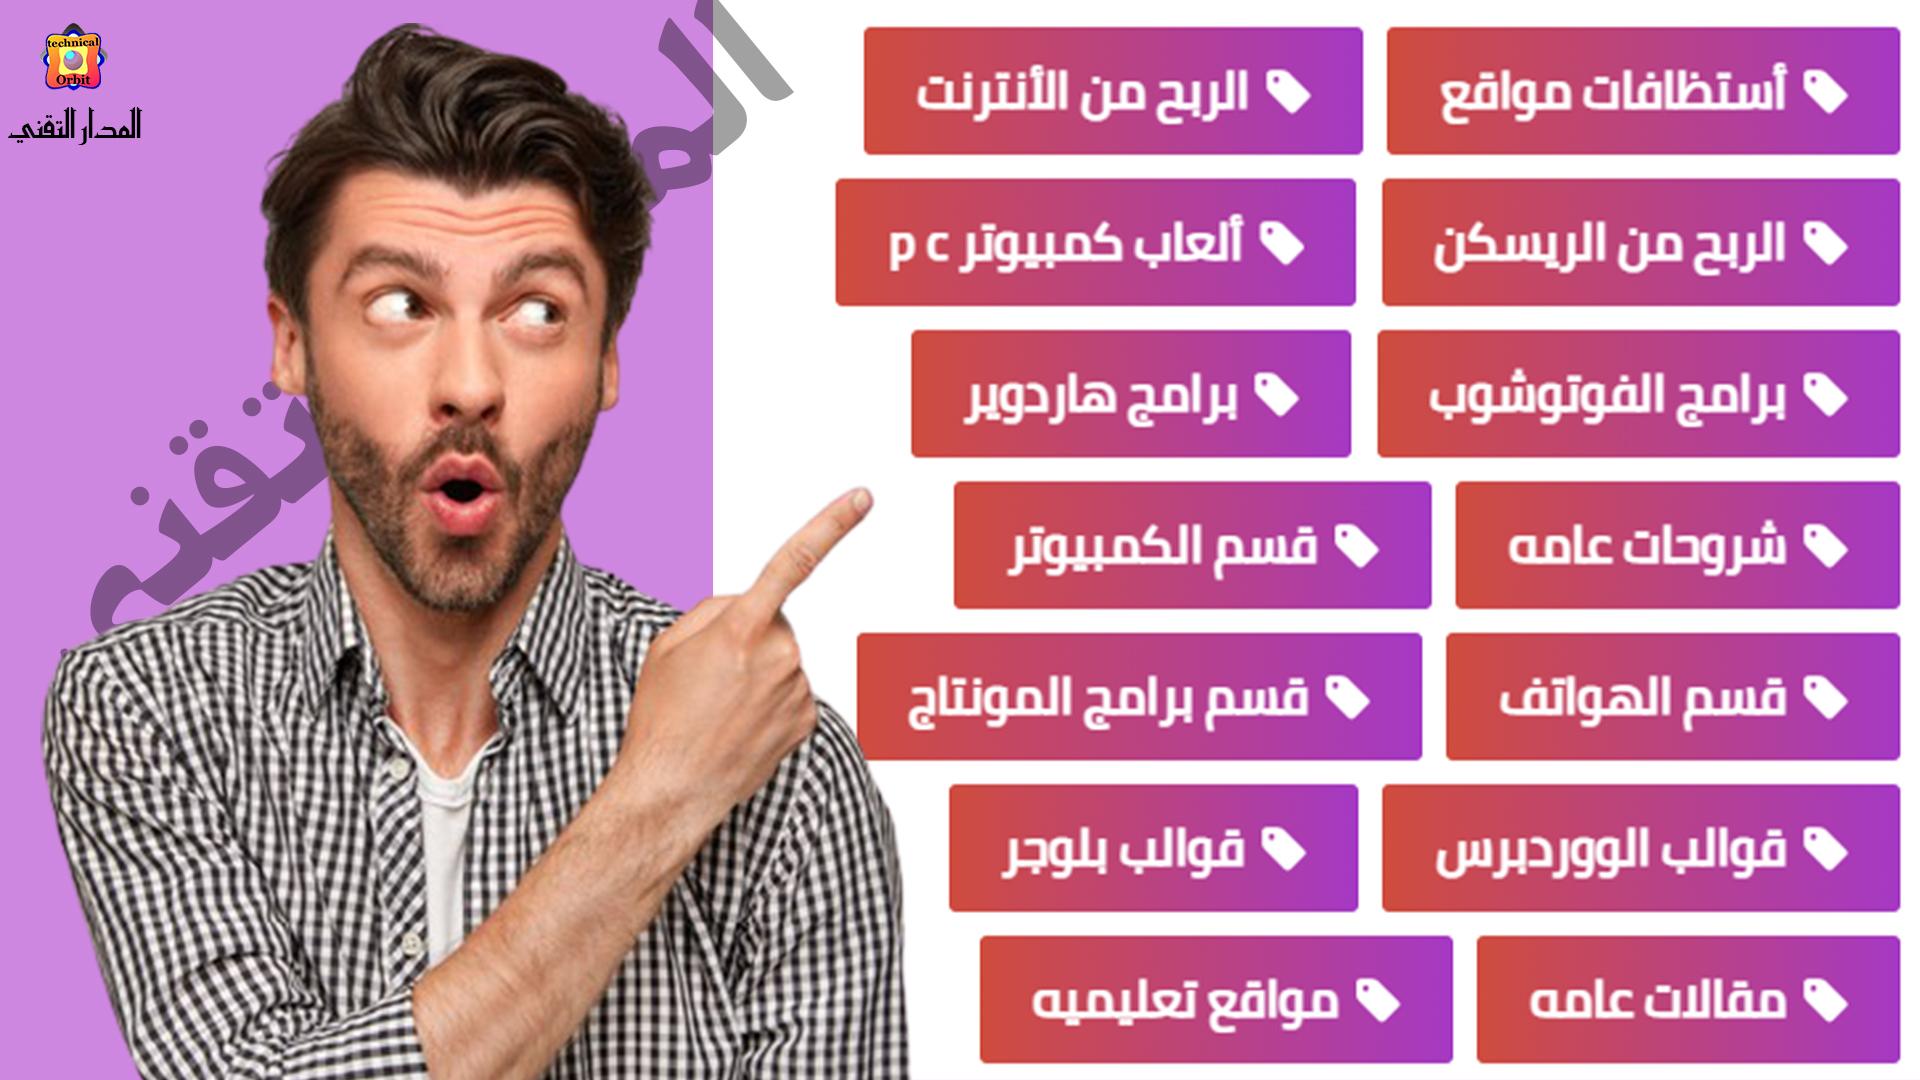 أظافة أقسام المدونه بطريقه أحترافيه مع الروابط الخاصه بها